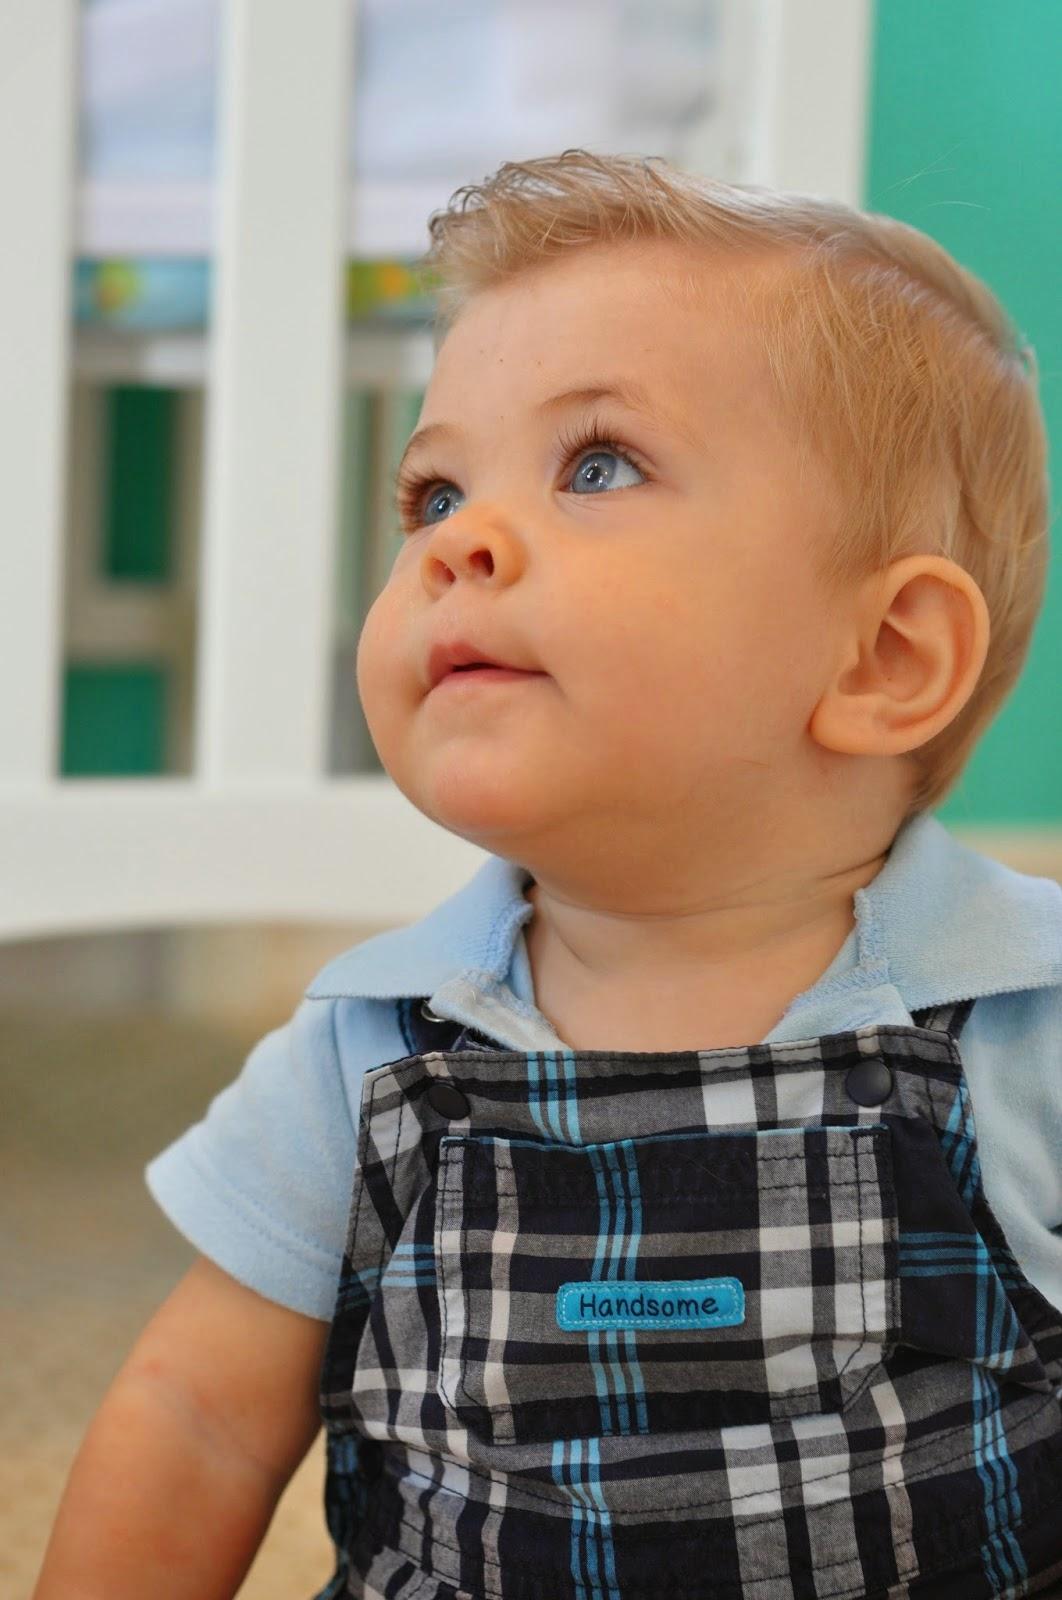 look at this kid!